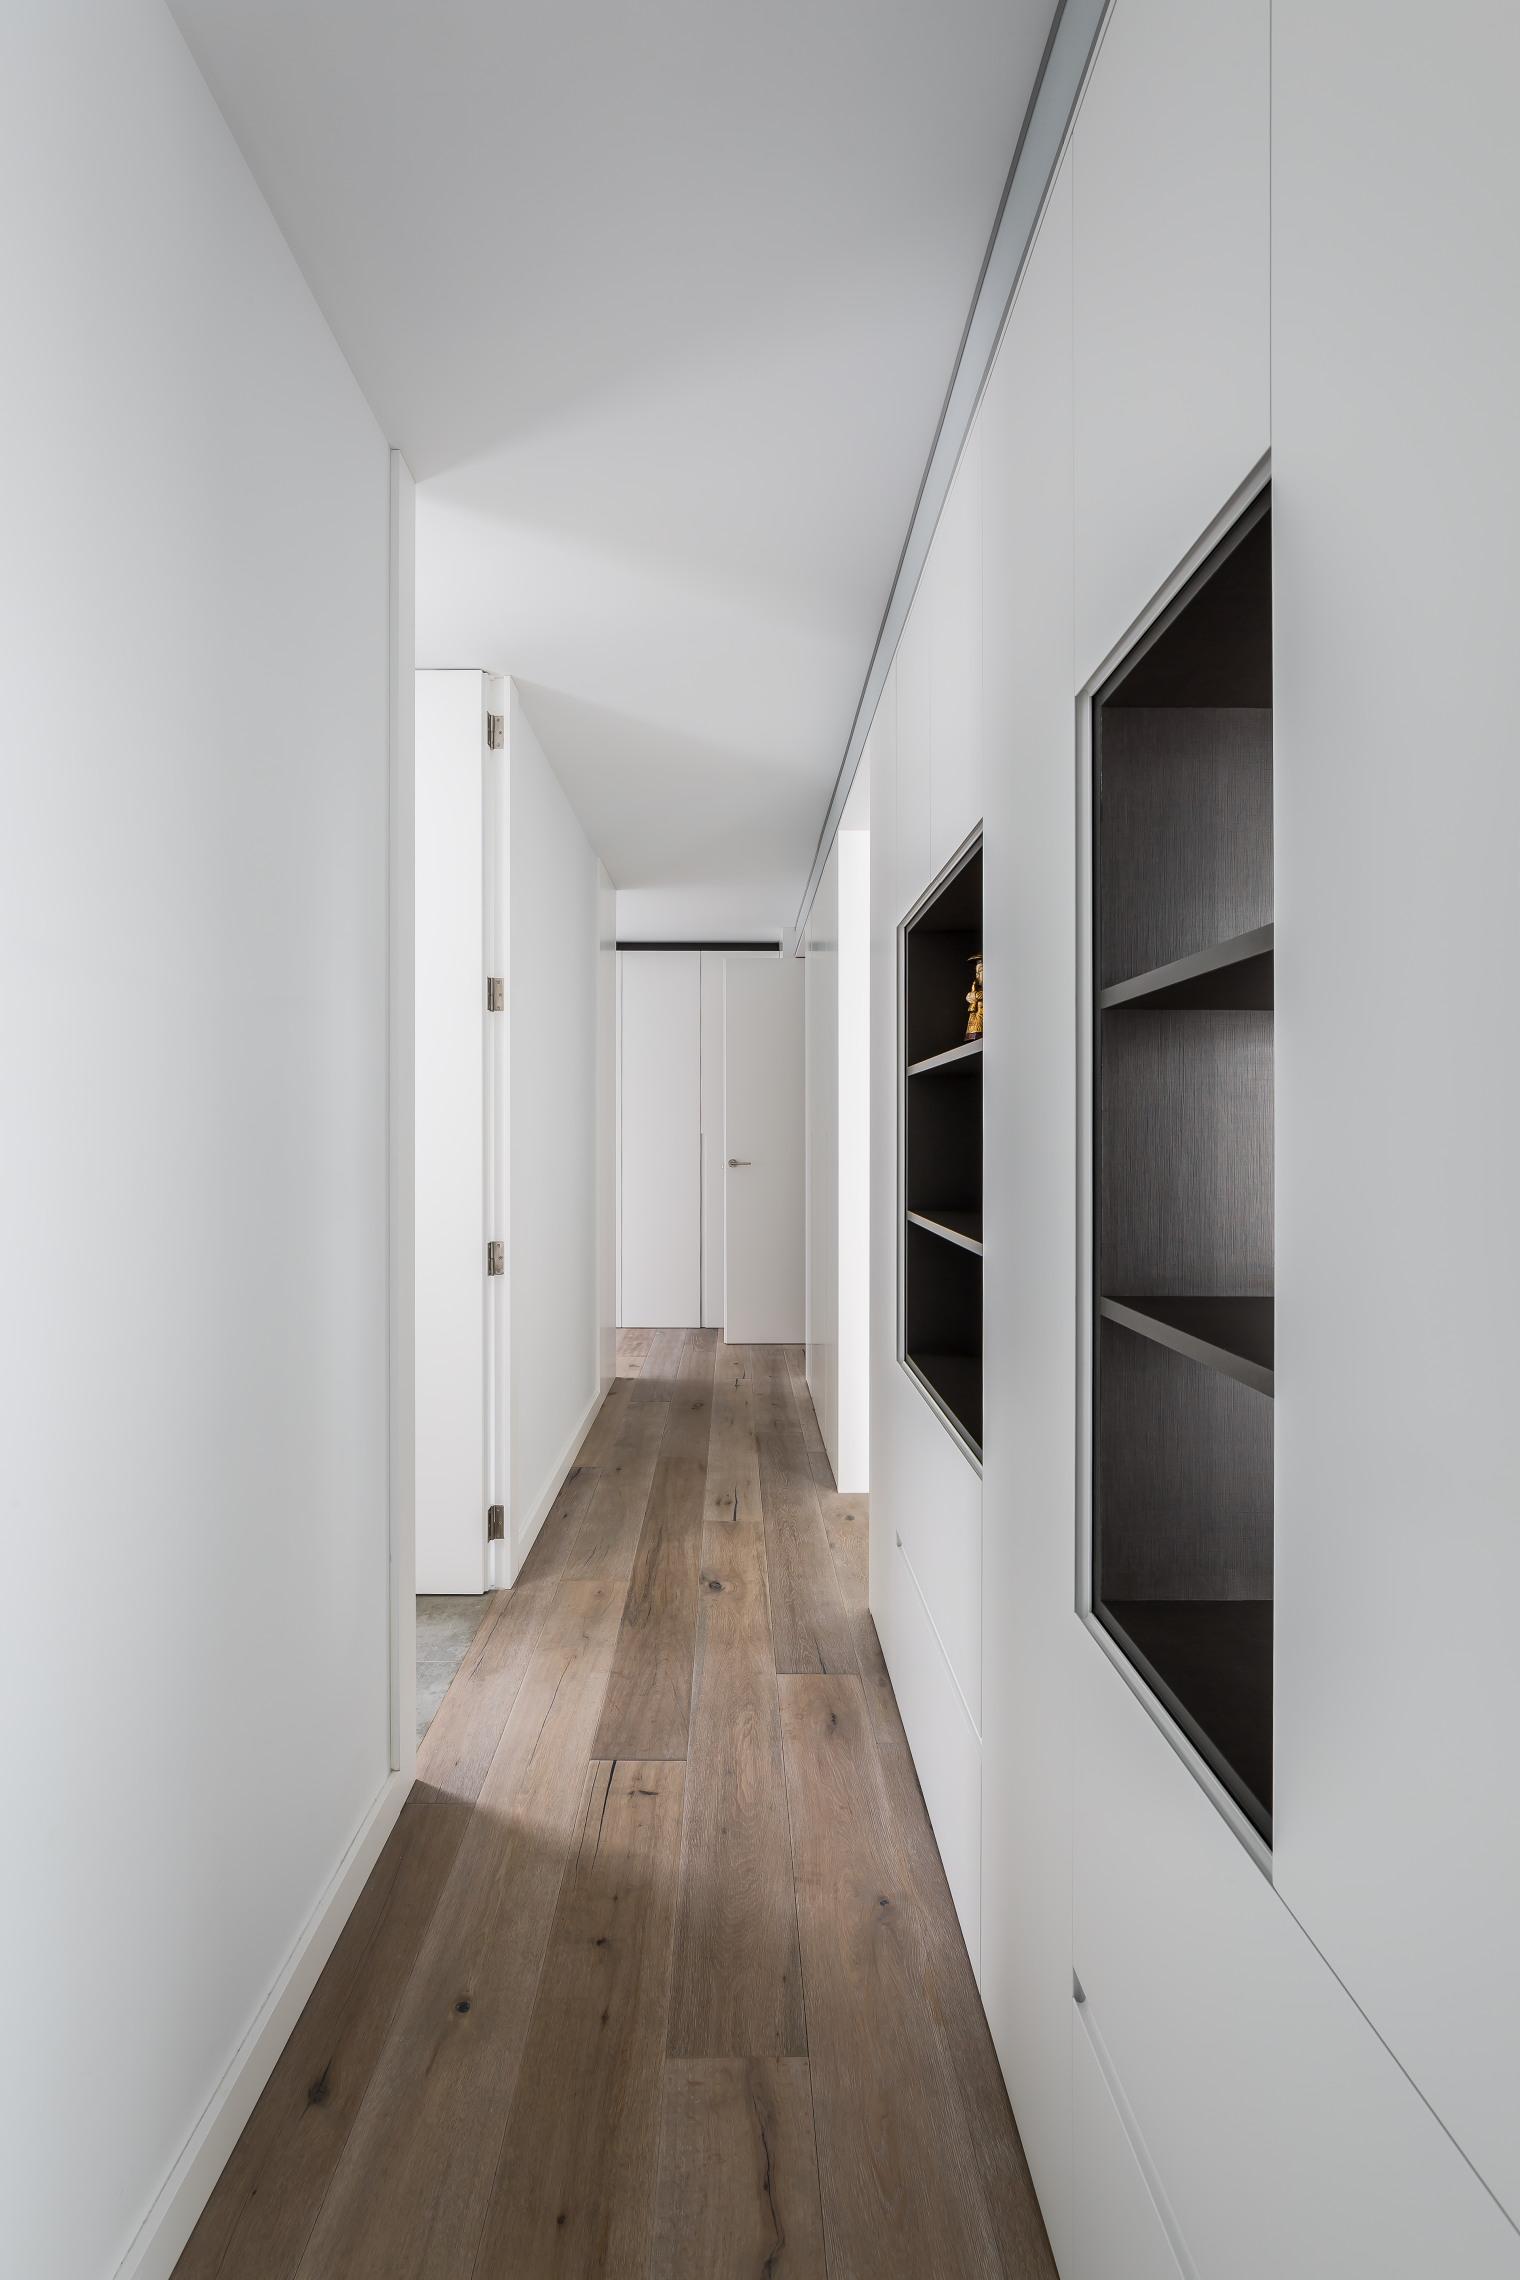 fotografia-arquitectura-valencia-german-cabo-ambau-gordillo (22)